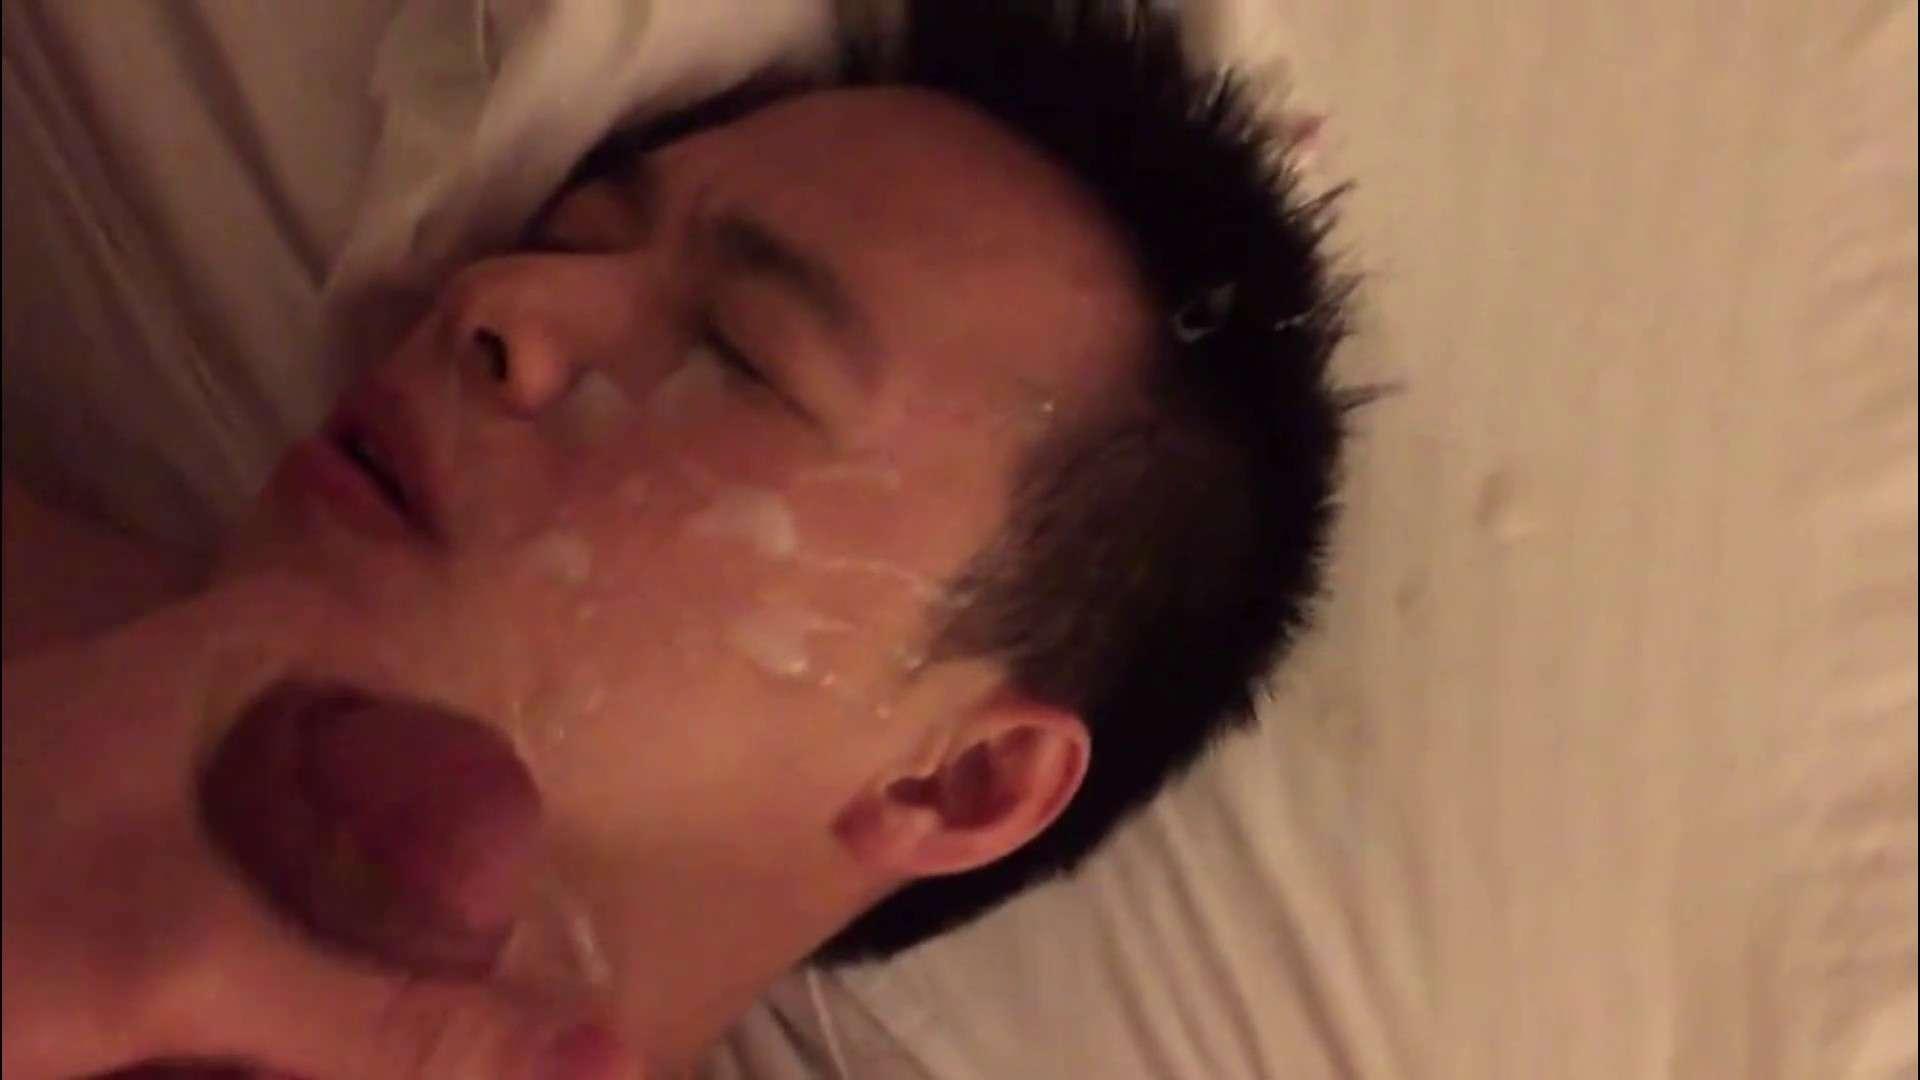 エロいフェラシーンをピックアップvol43 エロ特集 ゲイアダルトビデオ画像 108pic 69